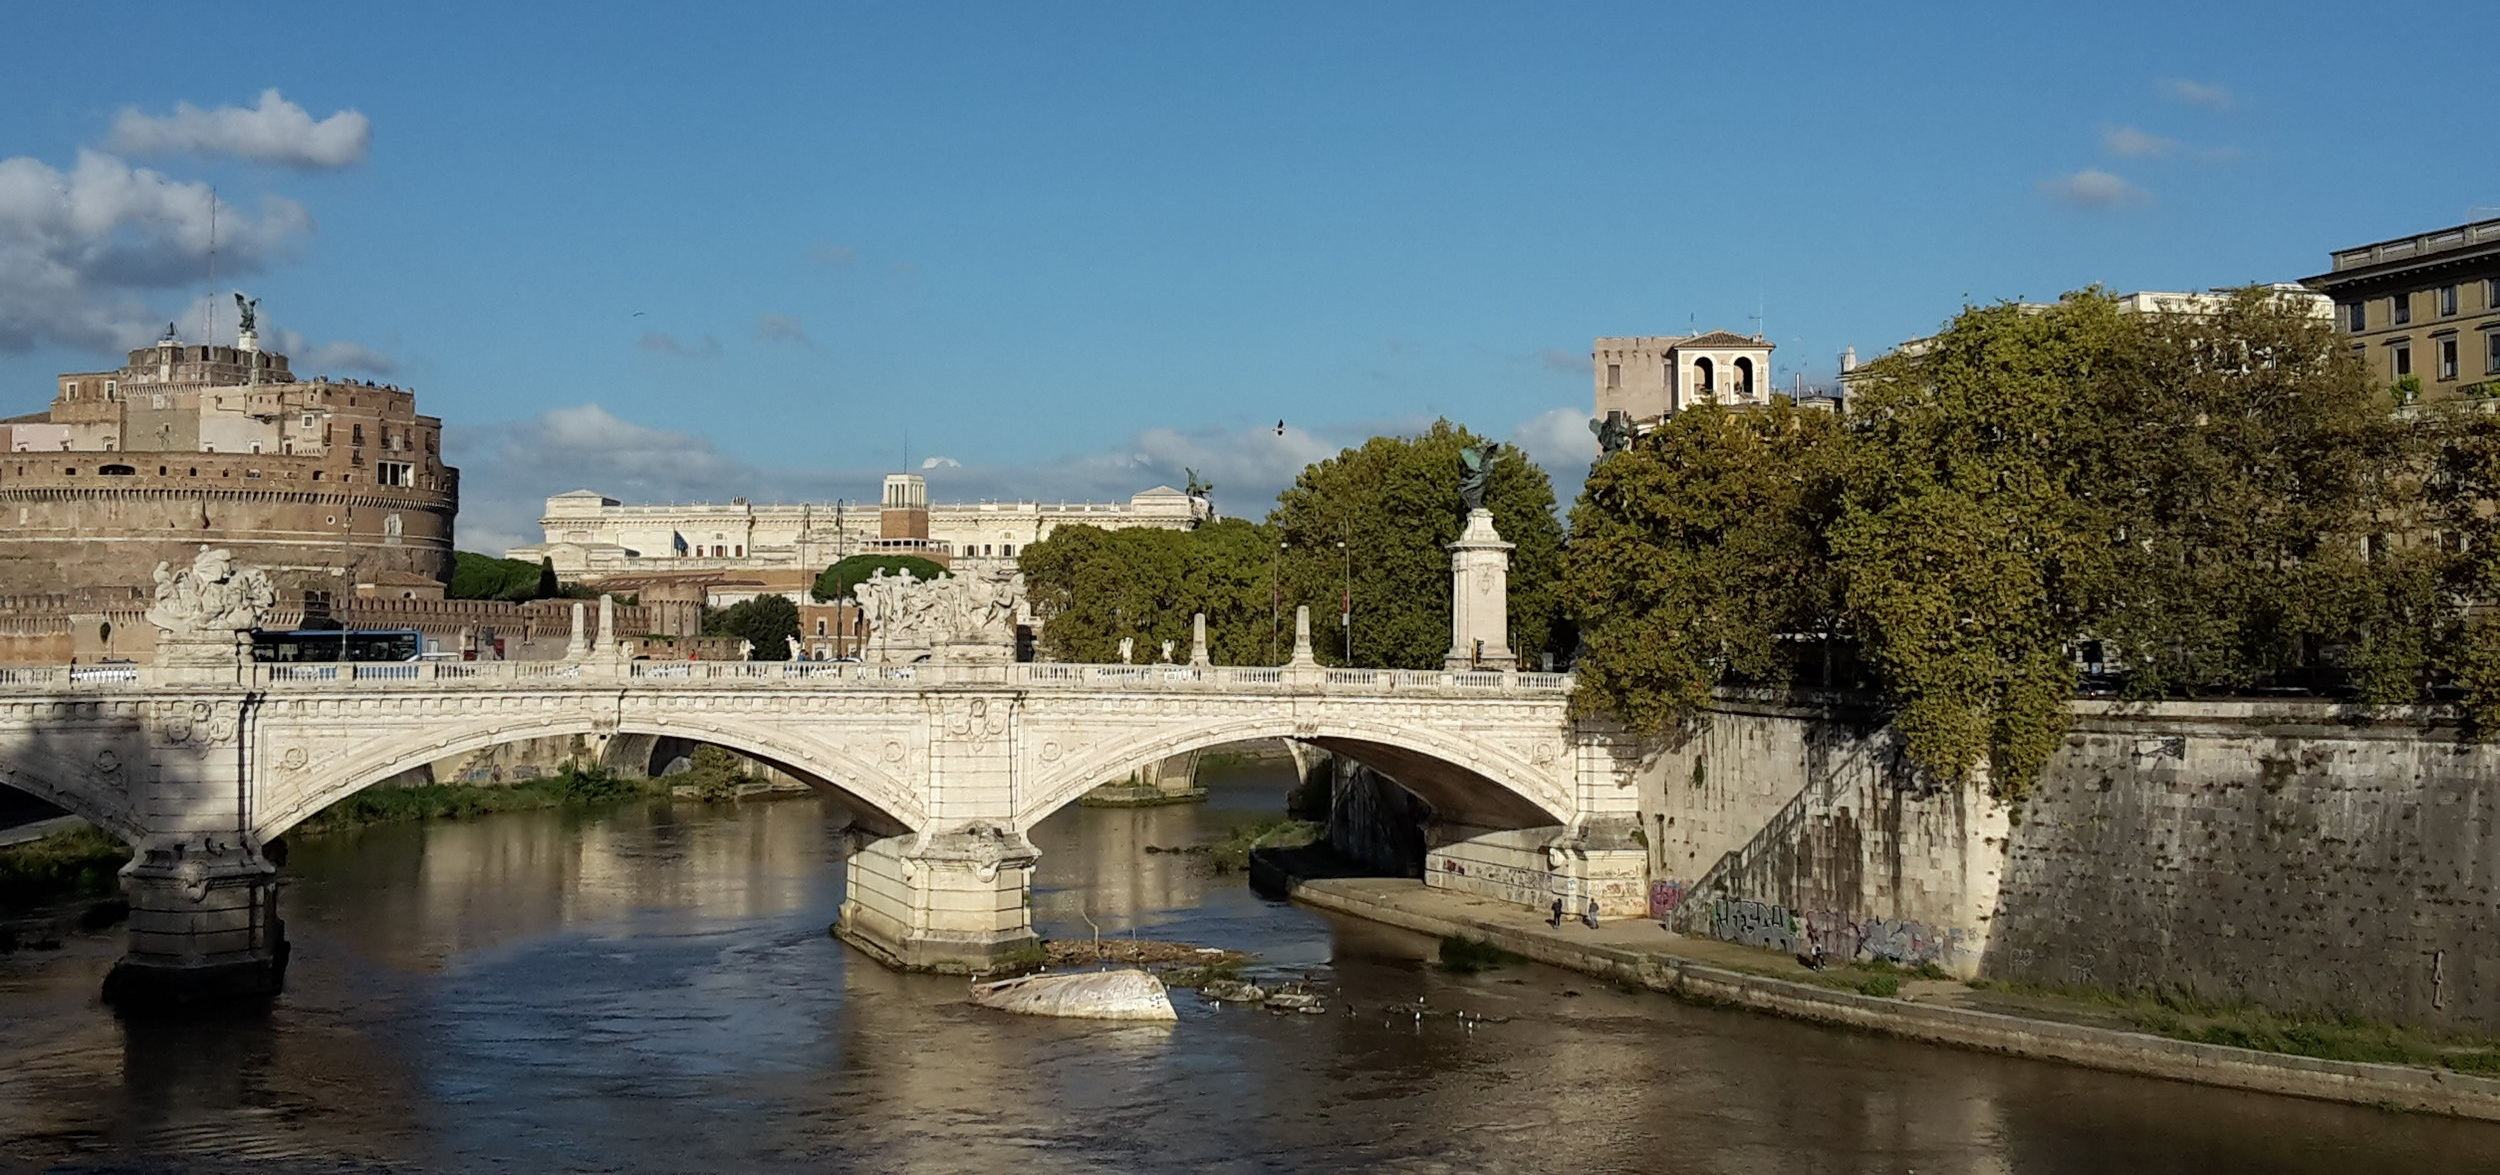 %C2%A9SouthIslandArt-Rome-river.jpg